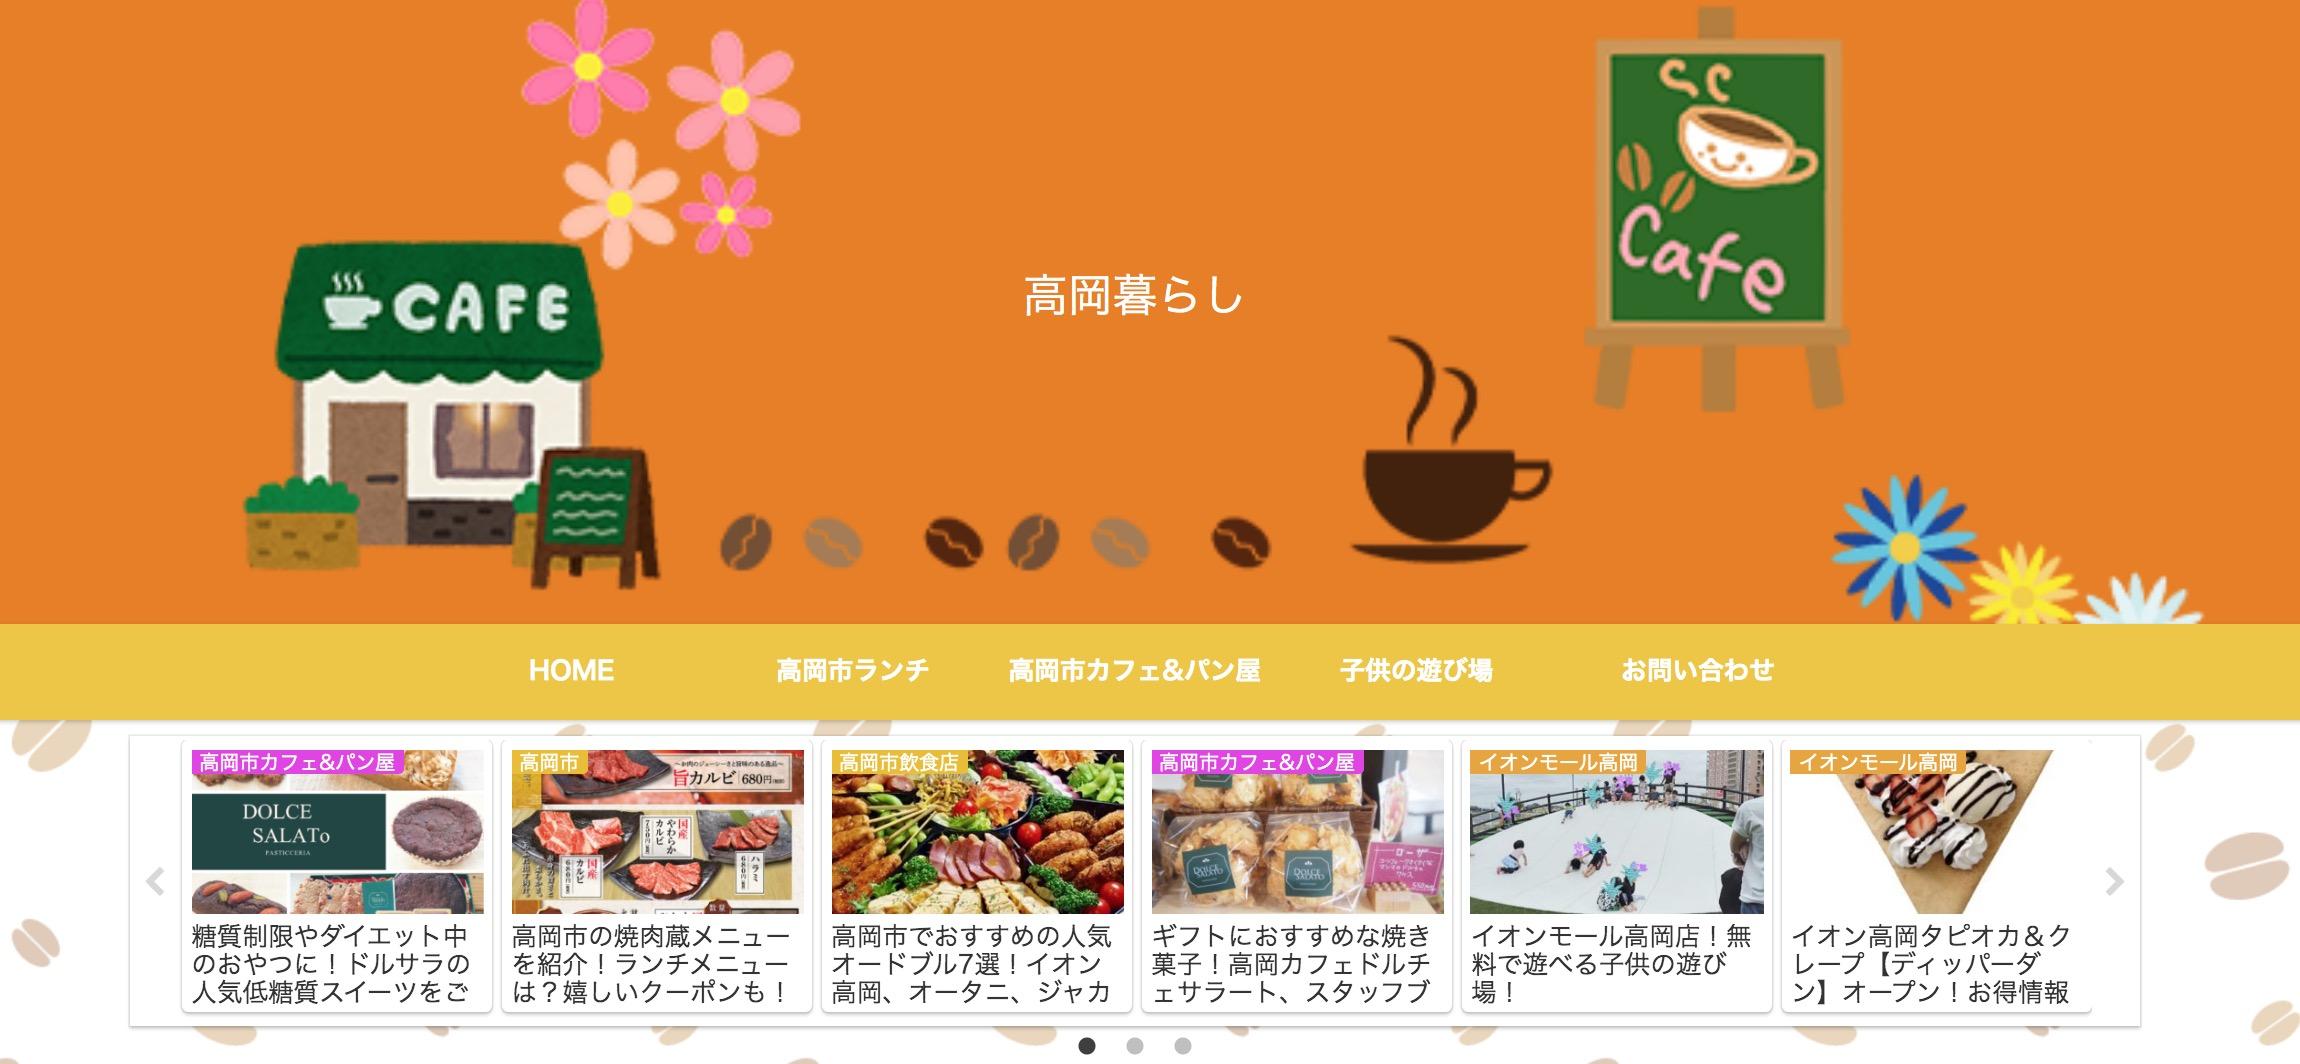 富山県高岡市のグルメ・子供遊び場情報ならば、高岡暮らし!